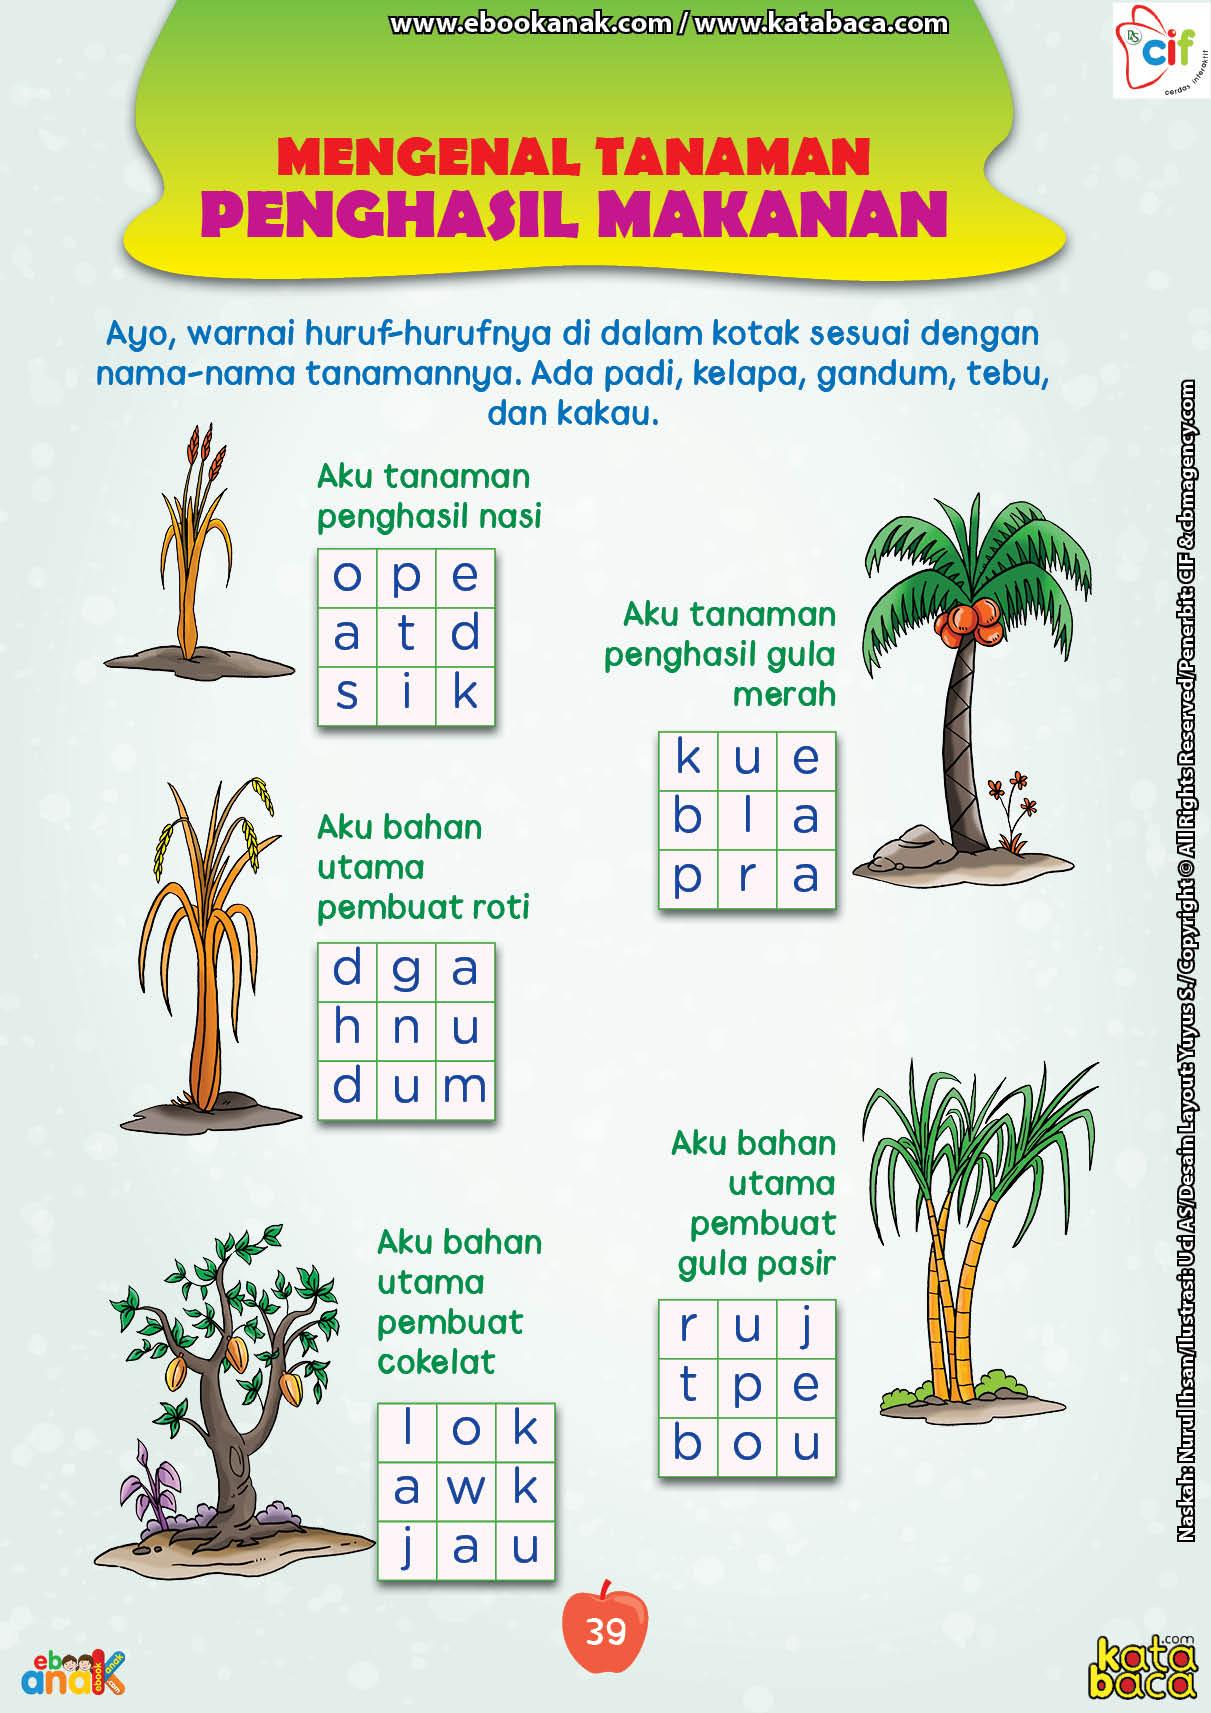 baca buku online brain games fun sains47 Mengenal Tanaman Penghasil Tanaman